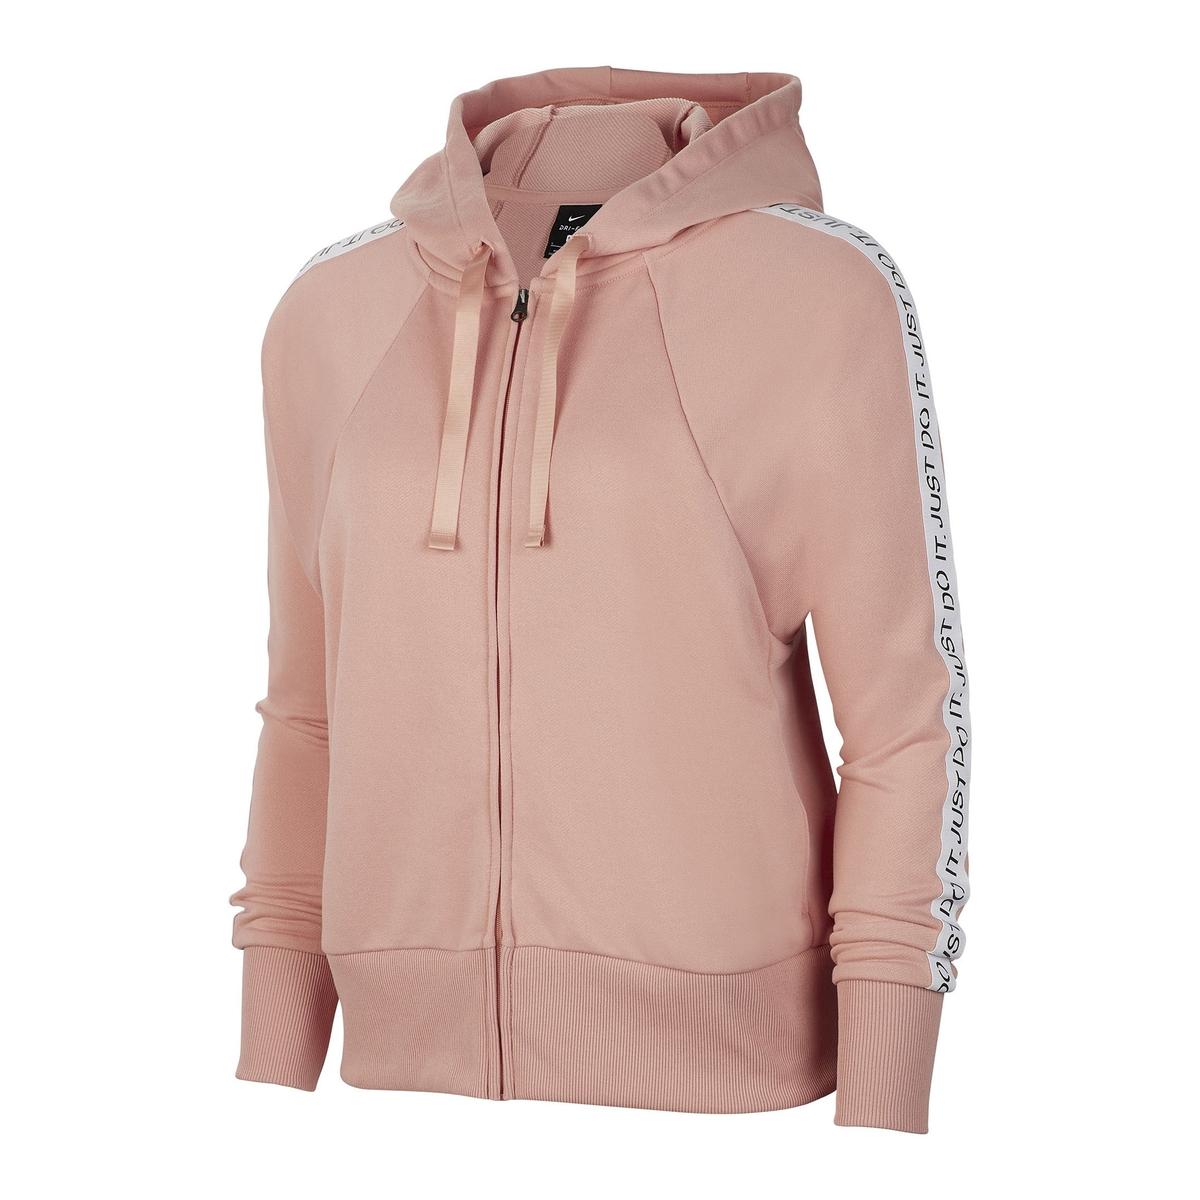 Sudadera chaqueta corta con cremallera y capucha Dry Get Fit